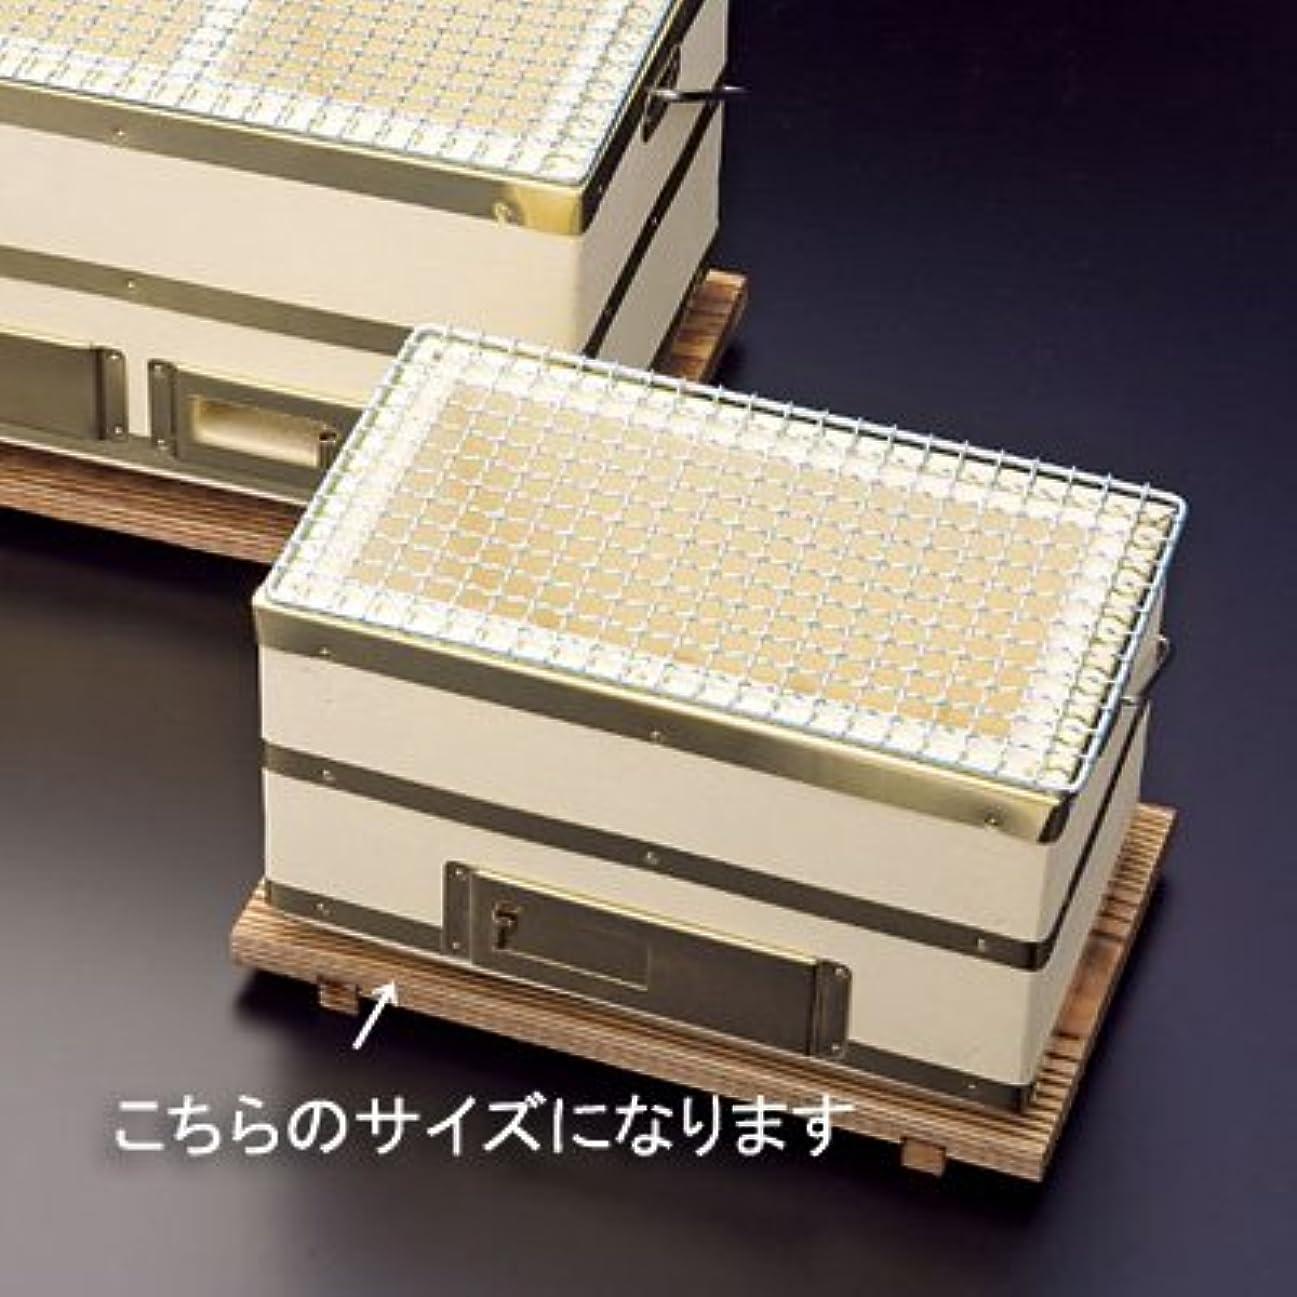 したいボイラーヒップ【入荷次第発送】炭火長角コンロ(金網付) 小 25×14cm